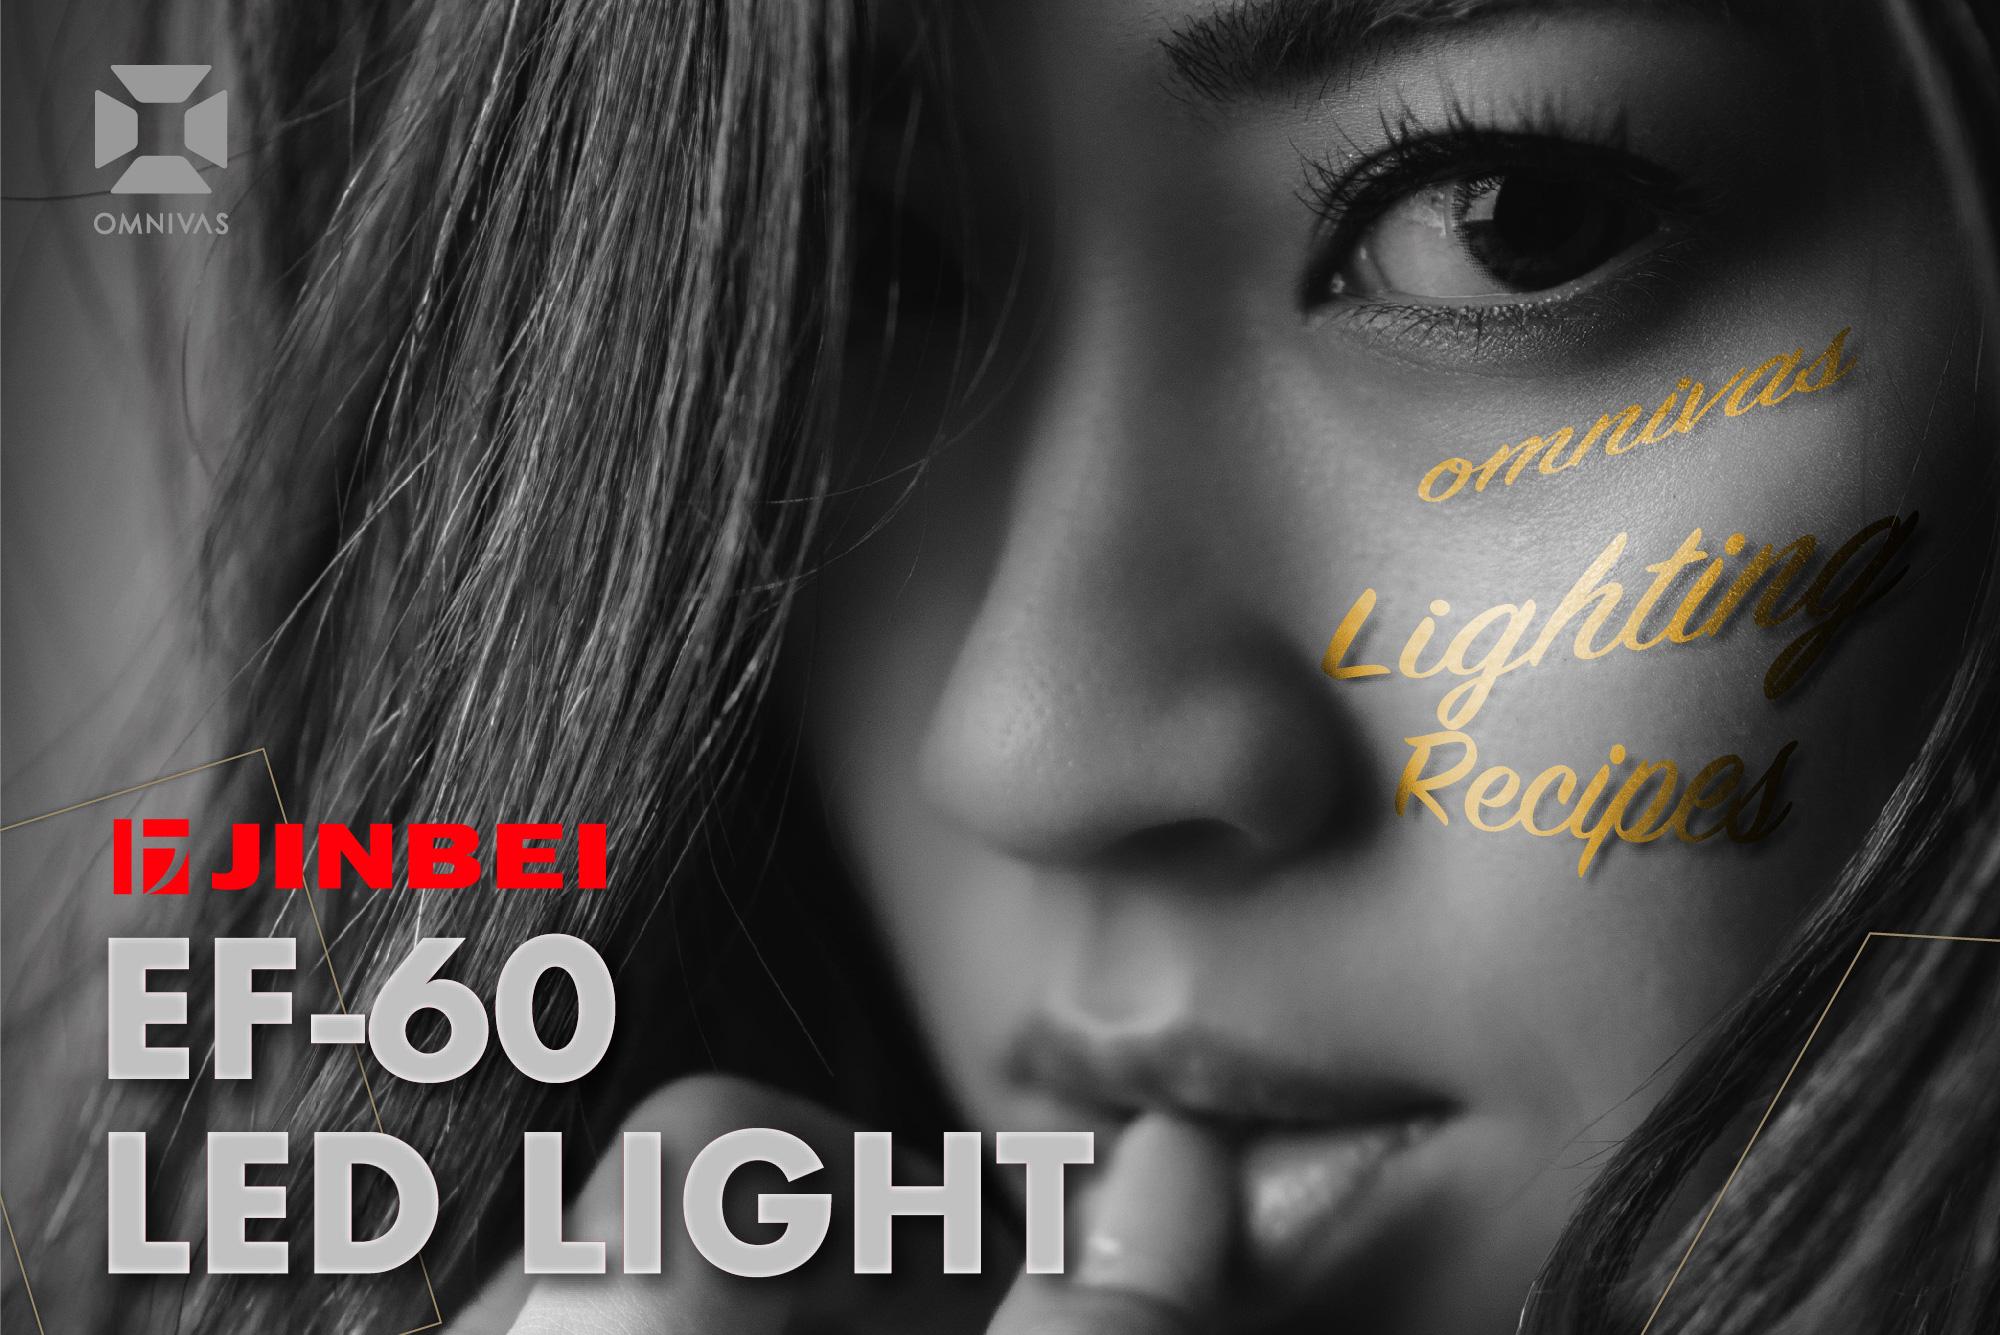 LEDライト2灯で撮る!女性ポートレートのライティングバリエーション【EF-60編】